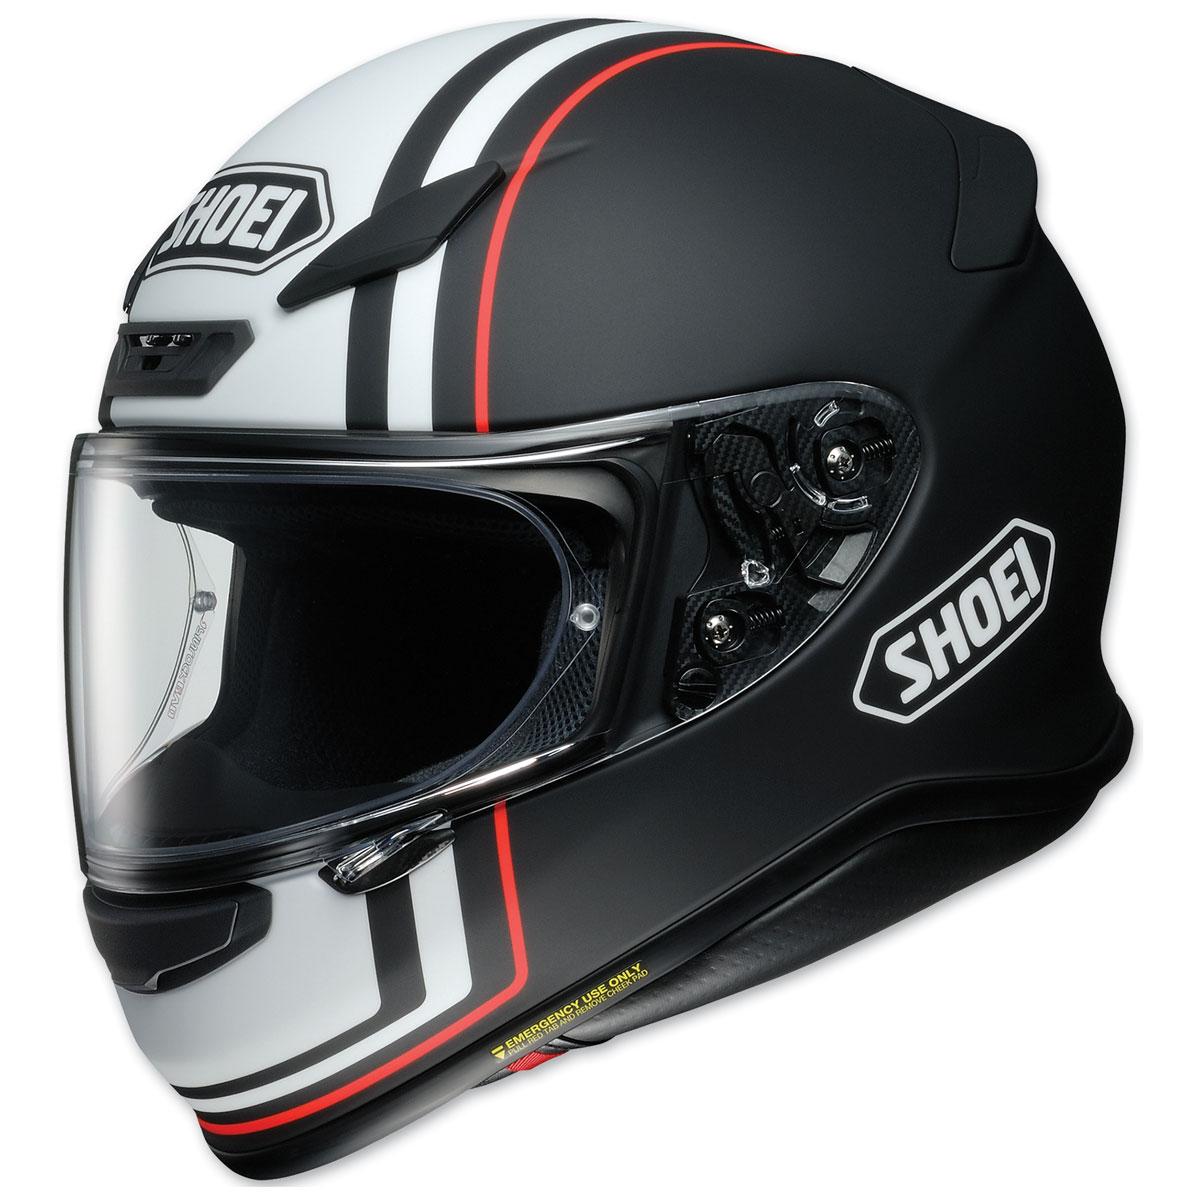 Shoei RF-1200 Recounter Black/White/Red Full Face Helmet